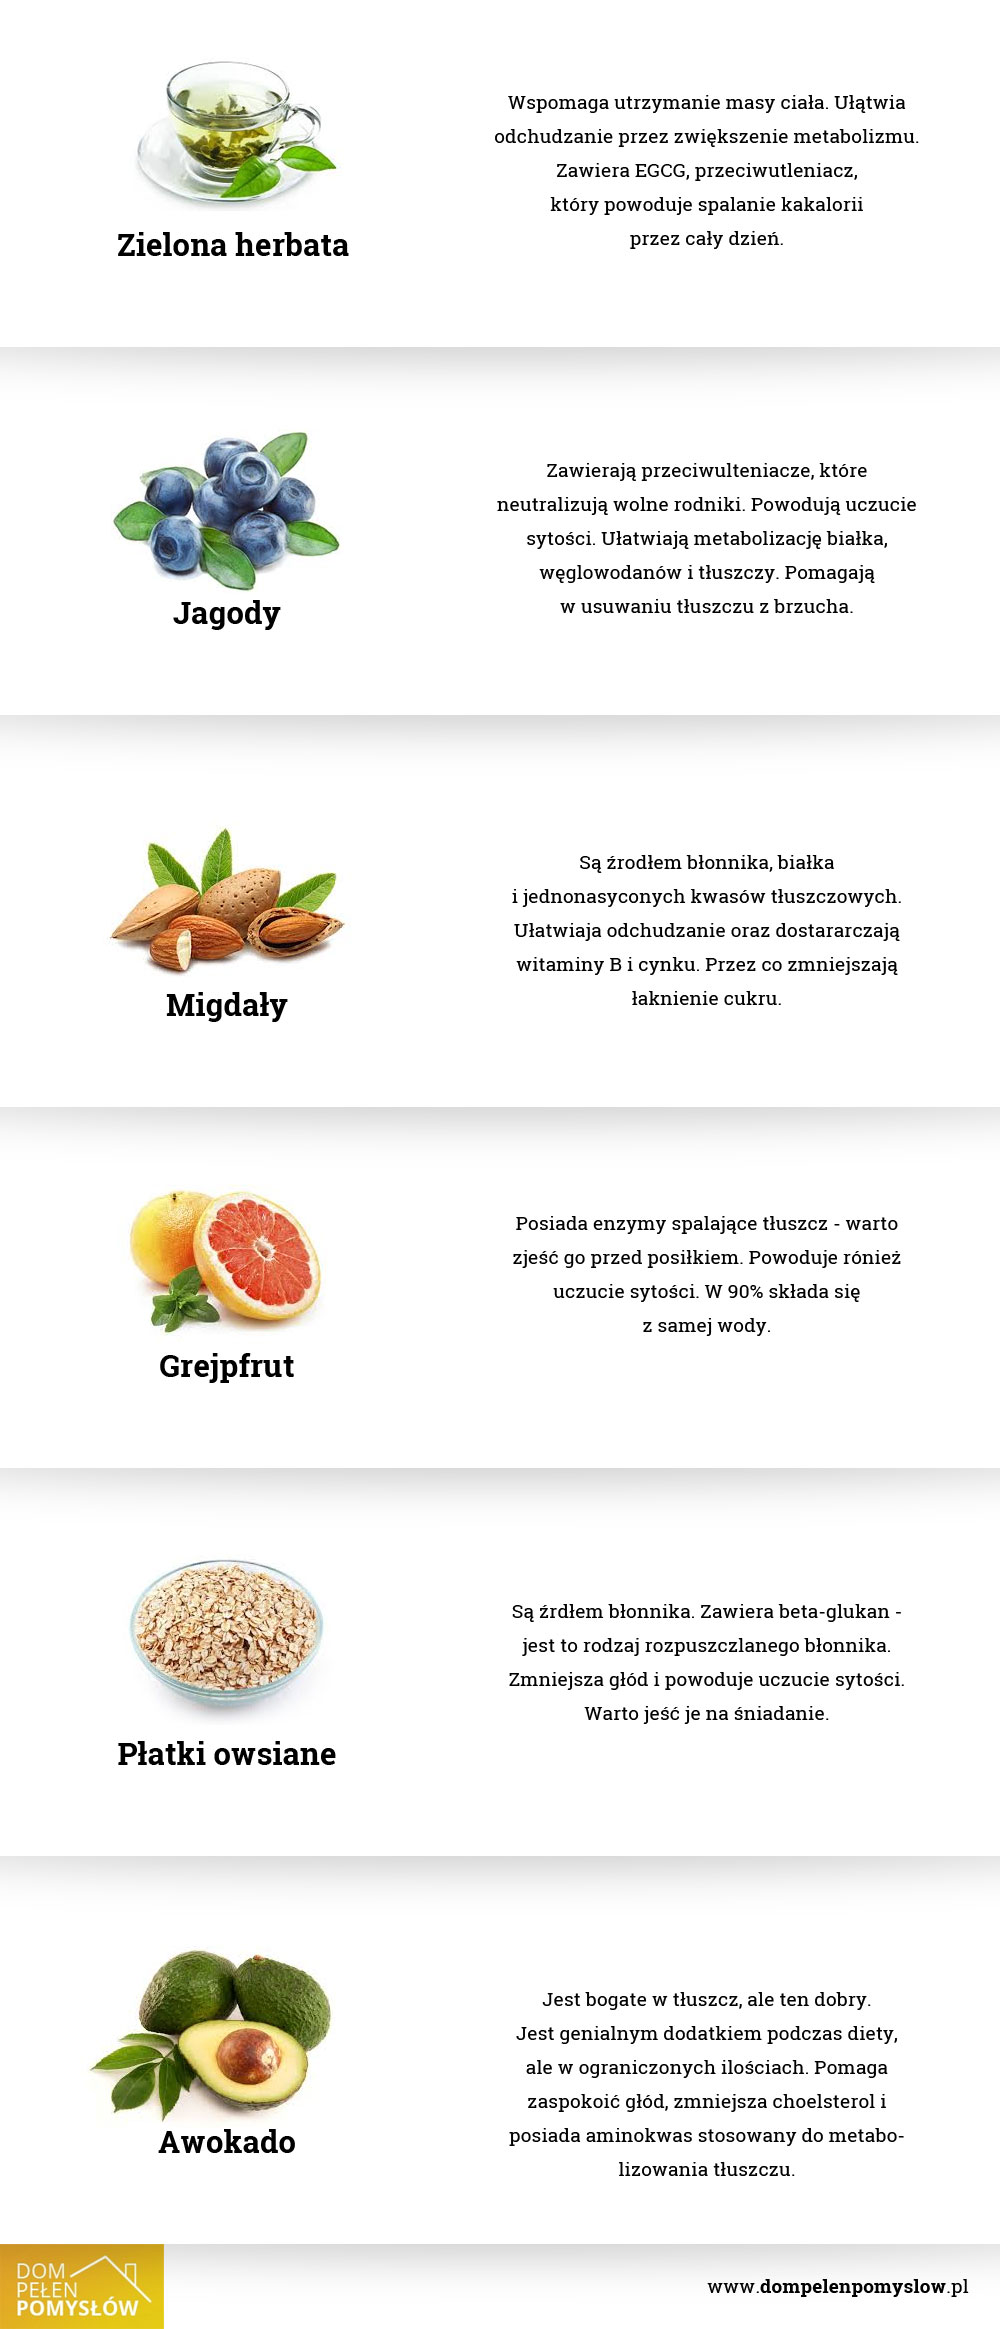 6 super-produktów, które wspomagają odchudzanie!